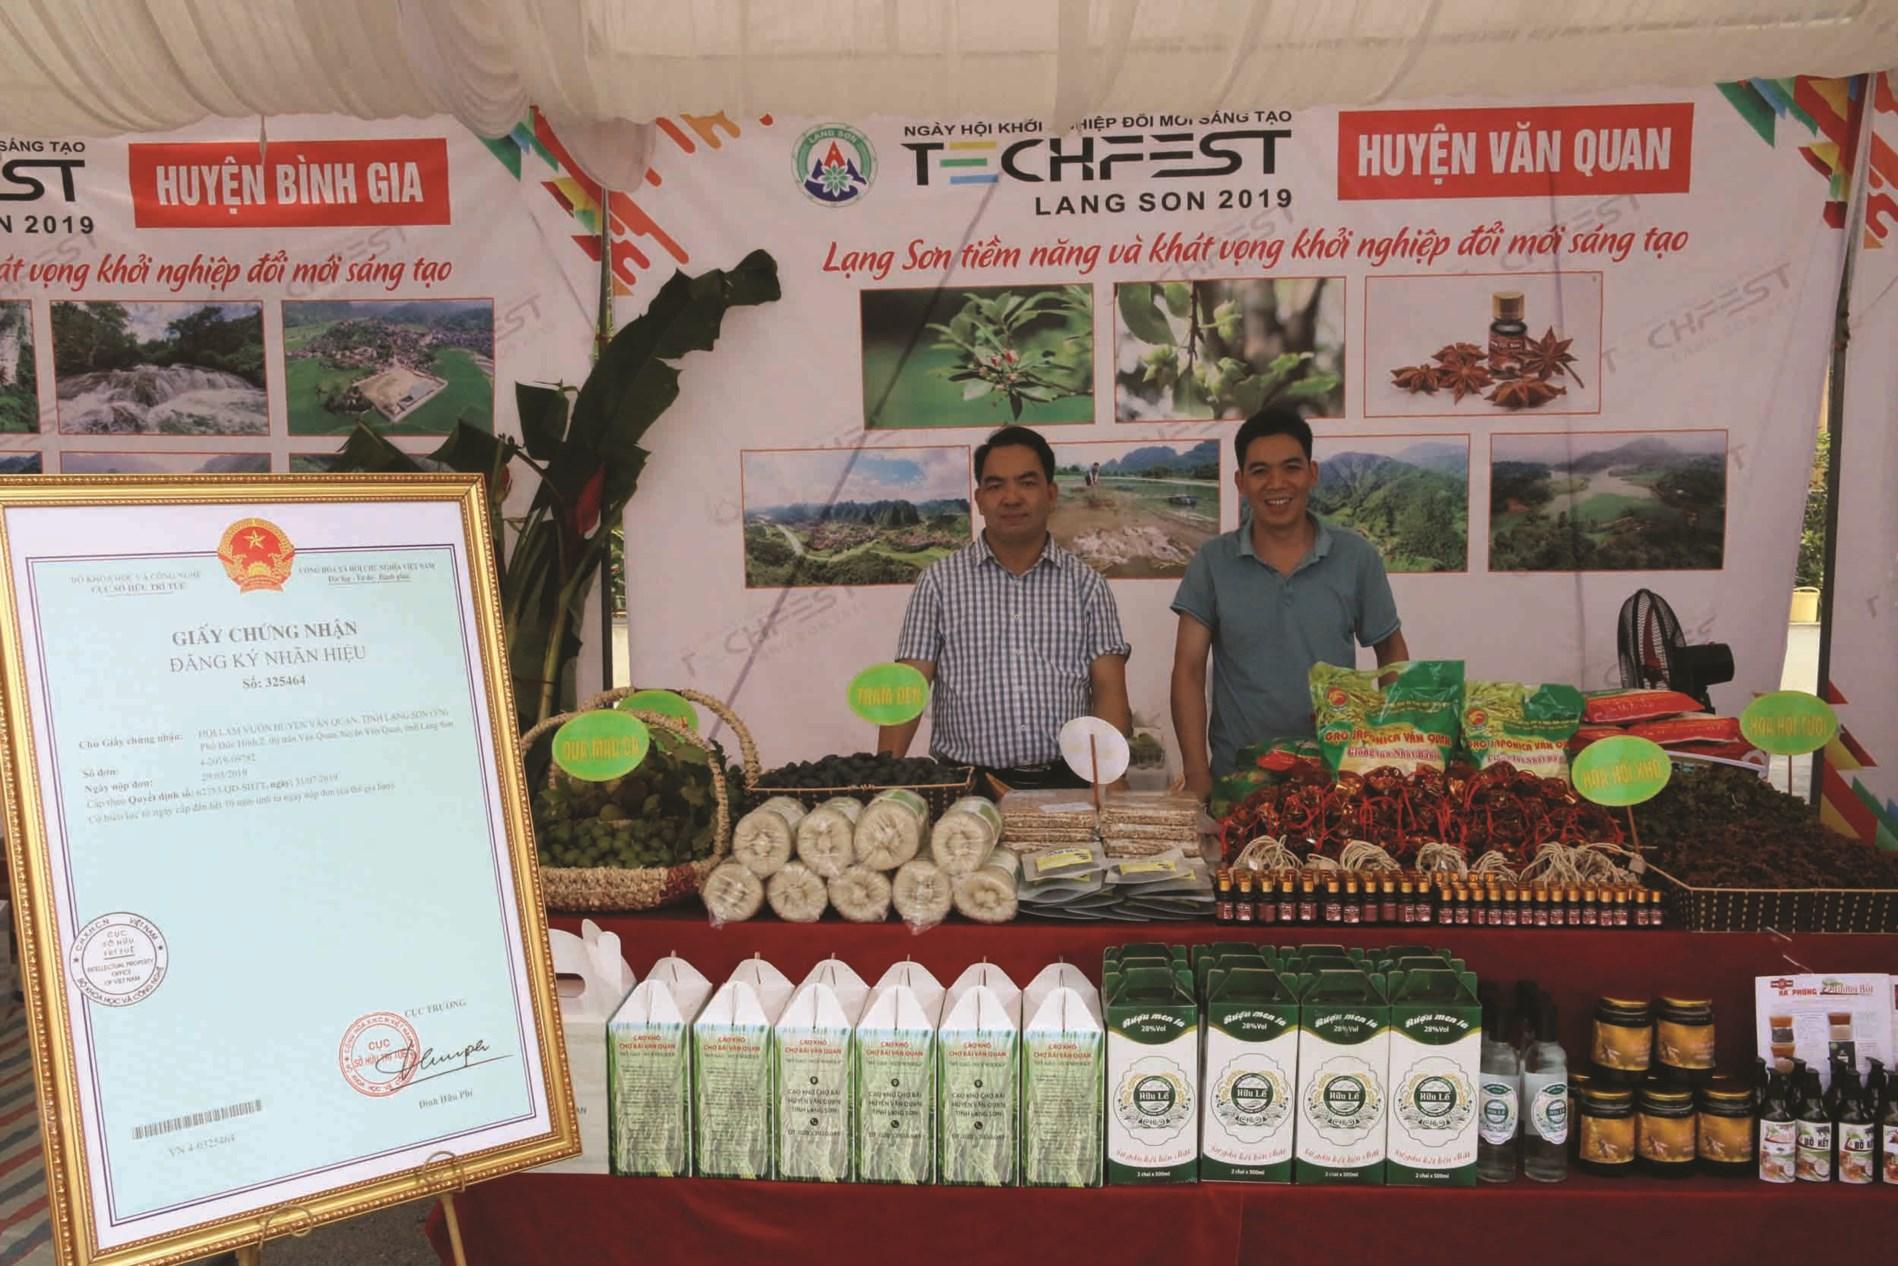 Các sản phẩm từ hồi của huyện Văn Quan được tỉnh hỗ trợ đăng ký nhãn hiệu tập thể.